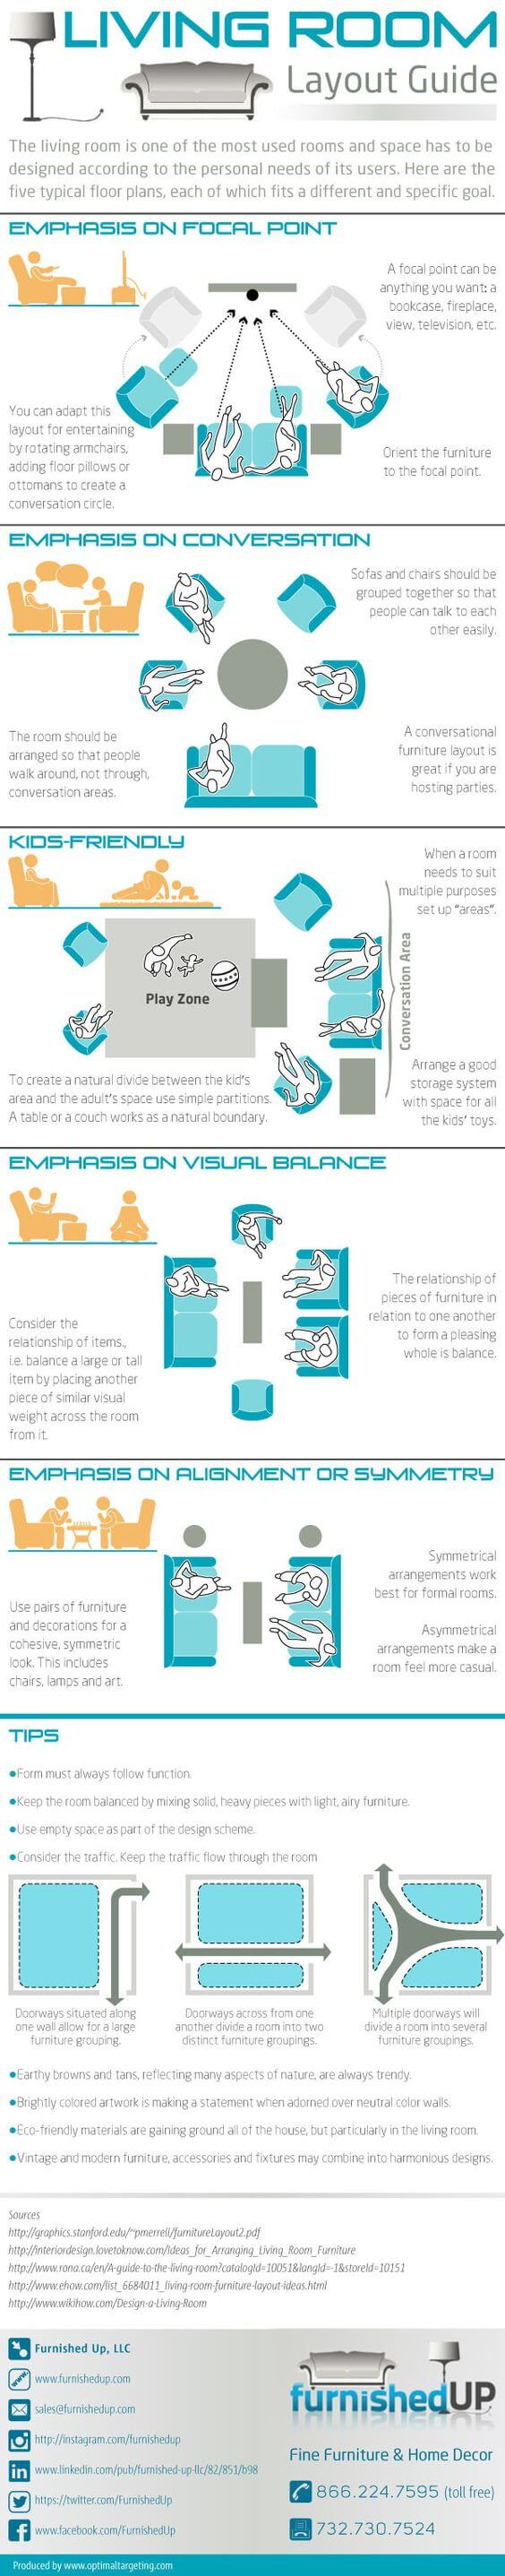 Panduan Tata Letak Ruang Keluarga - Infografis - BeliSewaRumah